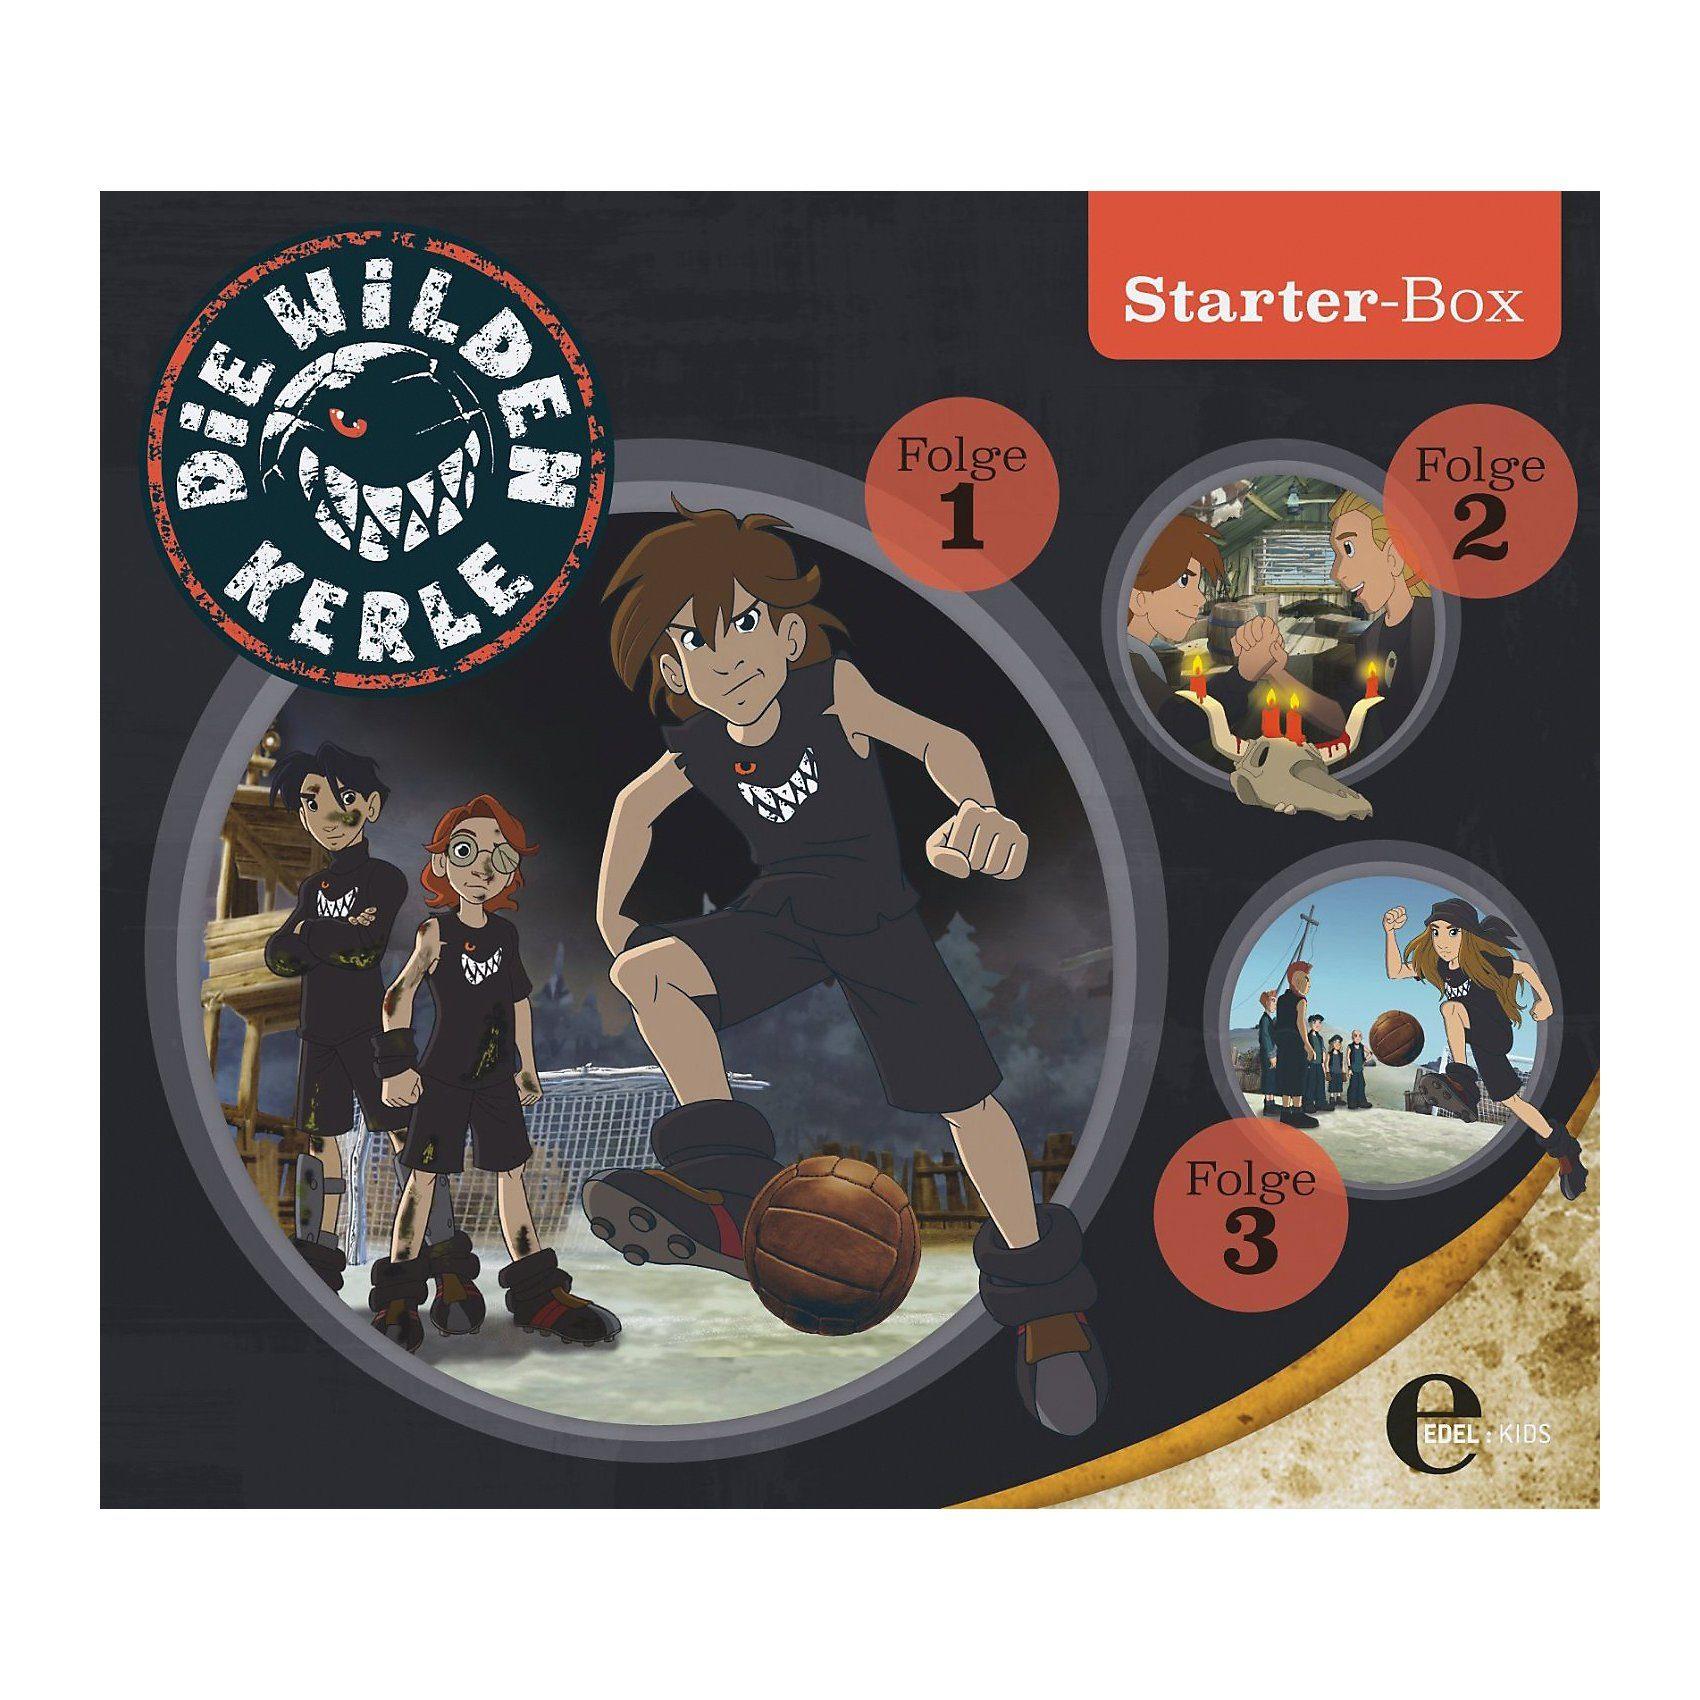 Edel CD Die wilden Kerle - Starter Box (Folgen 1,2,3)